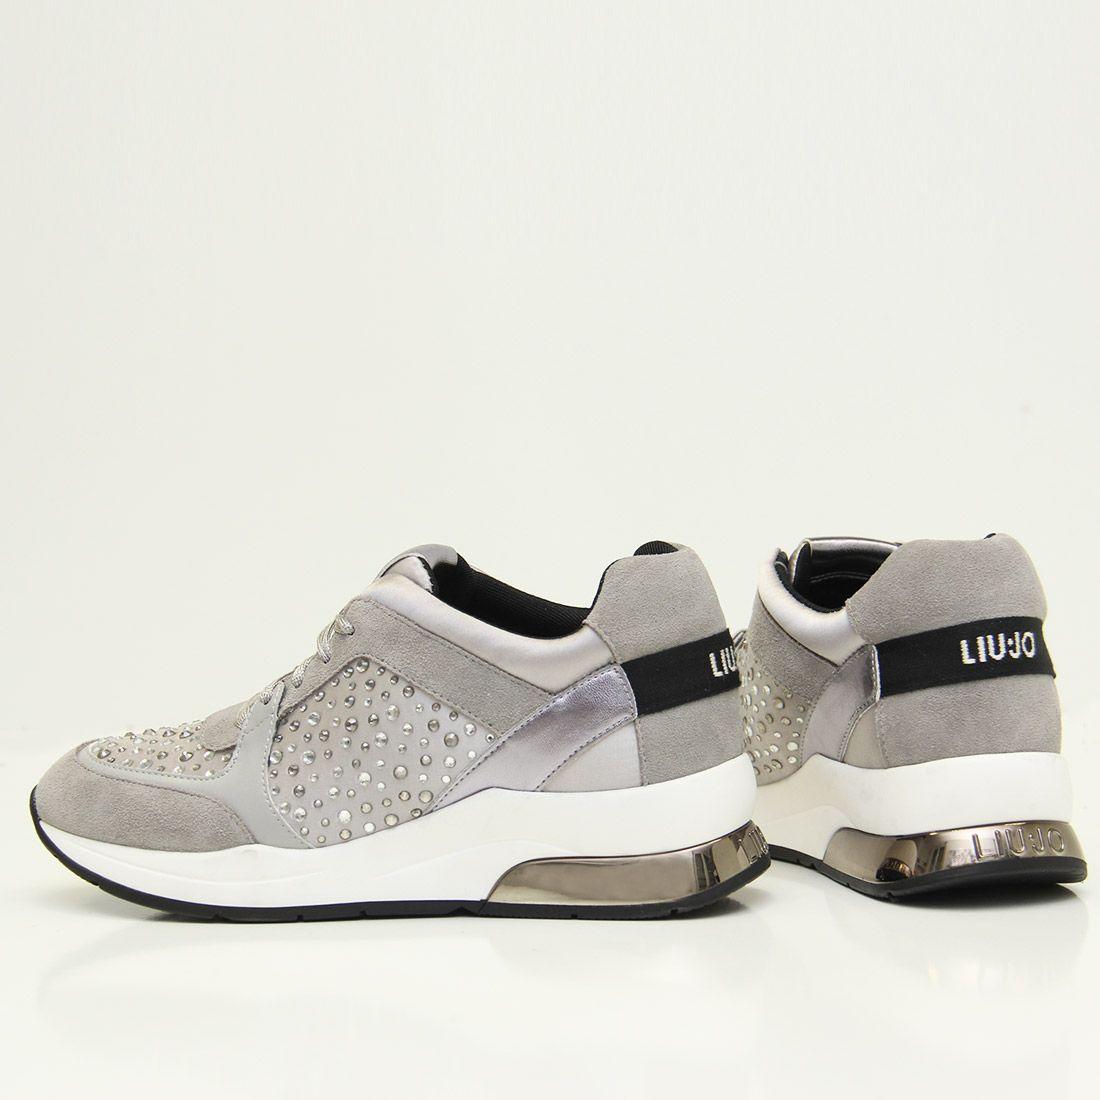 mejor online colección de descuento compre los más vendidos Karlie 05 en 2020 | Zapatos de moda, Liu jo y Zapatos